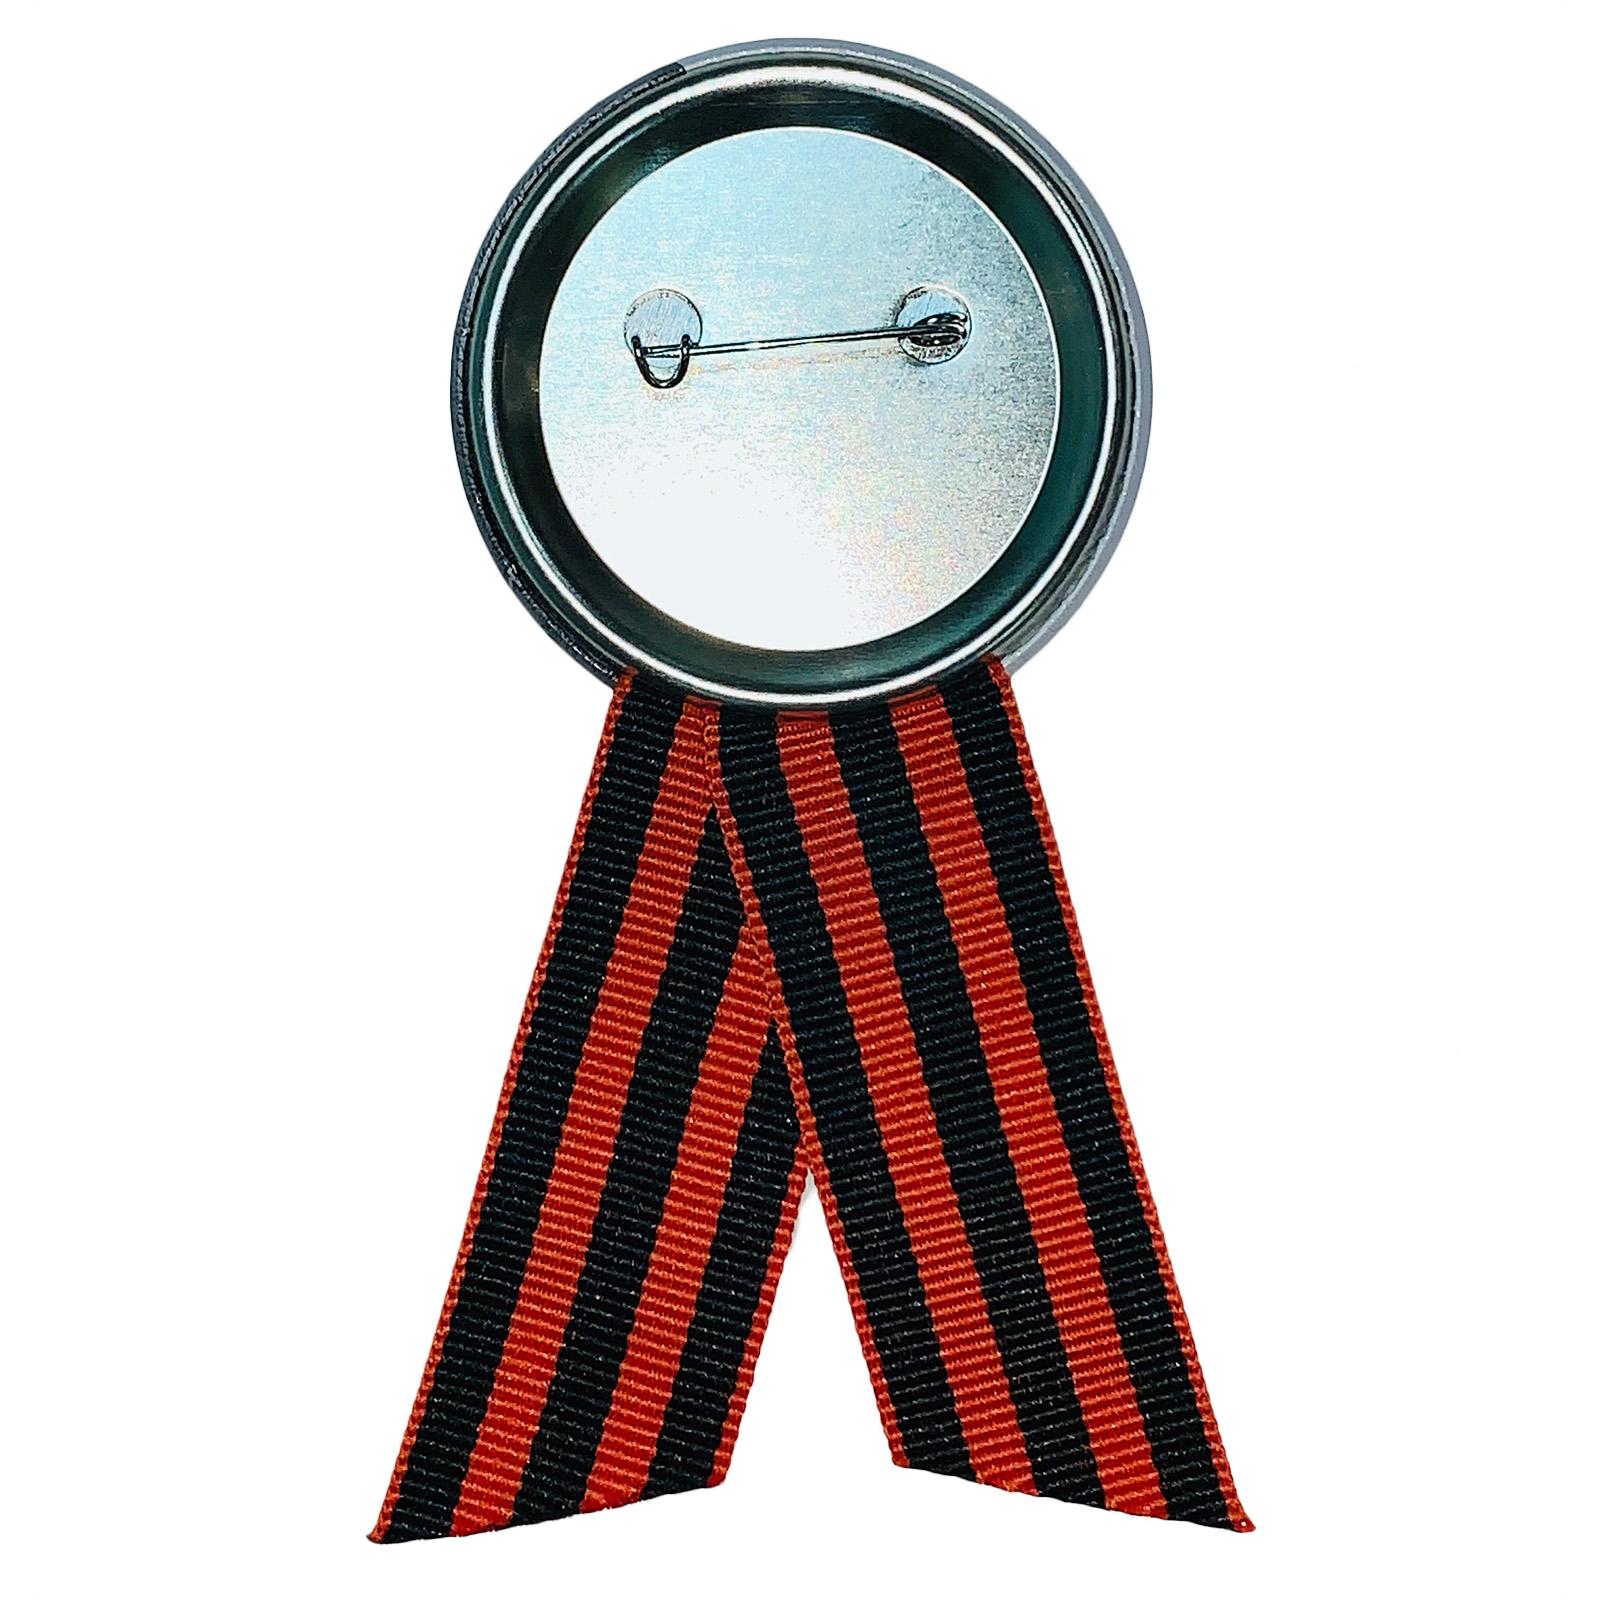 Юбилейный значок Участник «Бессмертного полка» на 75 лет Победы